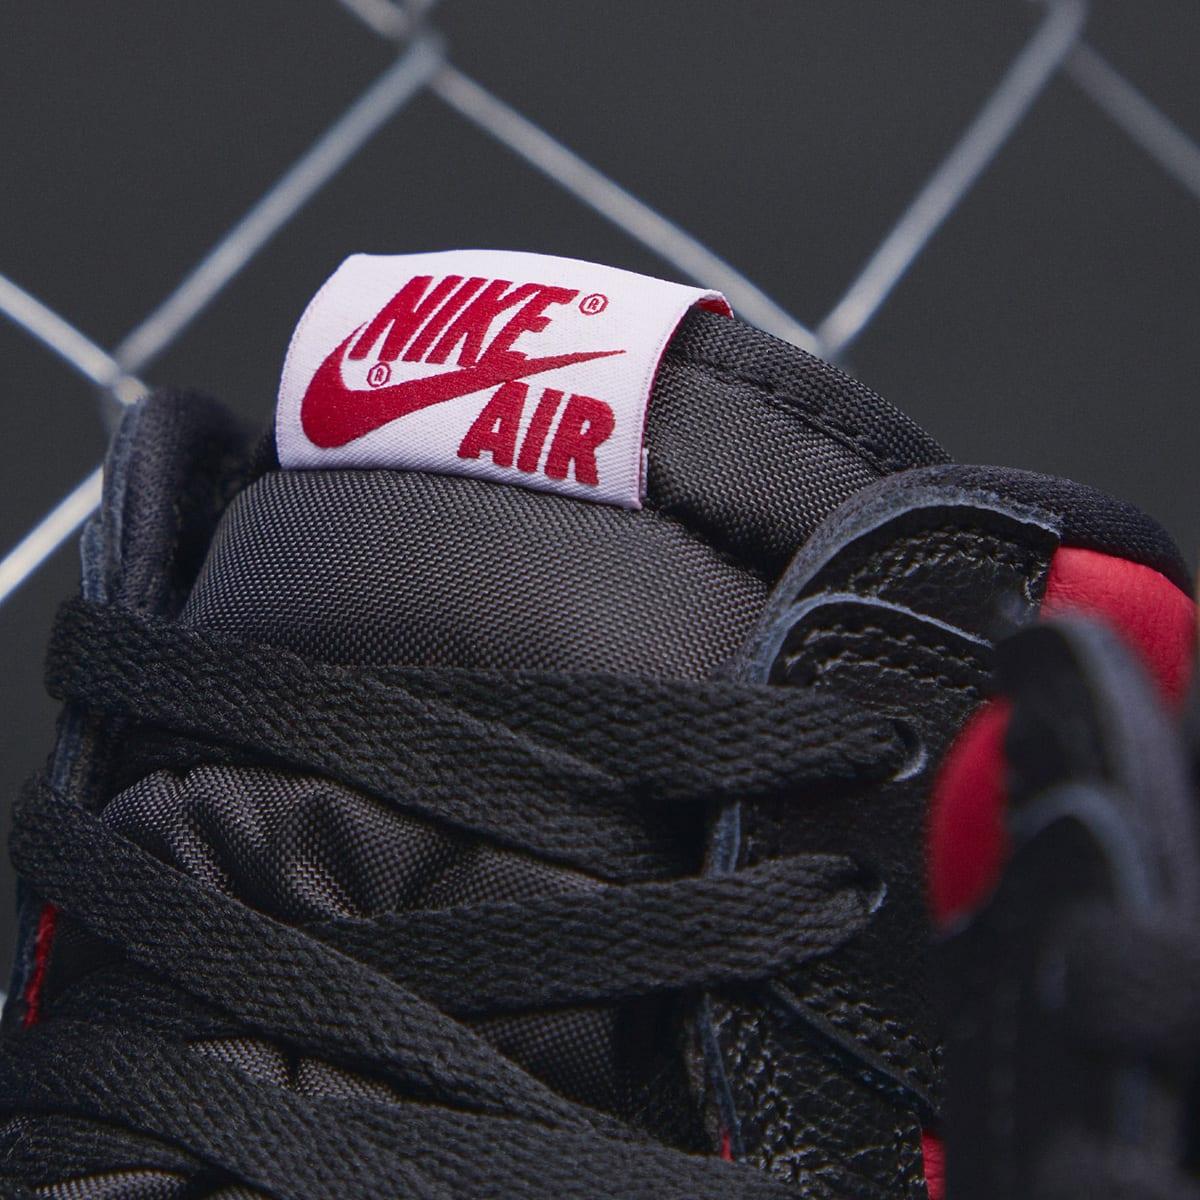 Nike Air Jordan 1 High OG 'Gym Red' - 555088-061